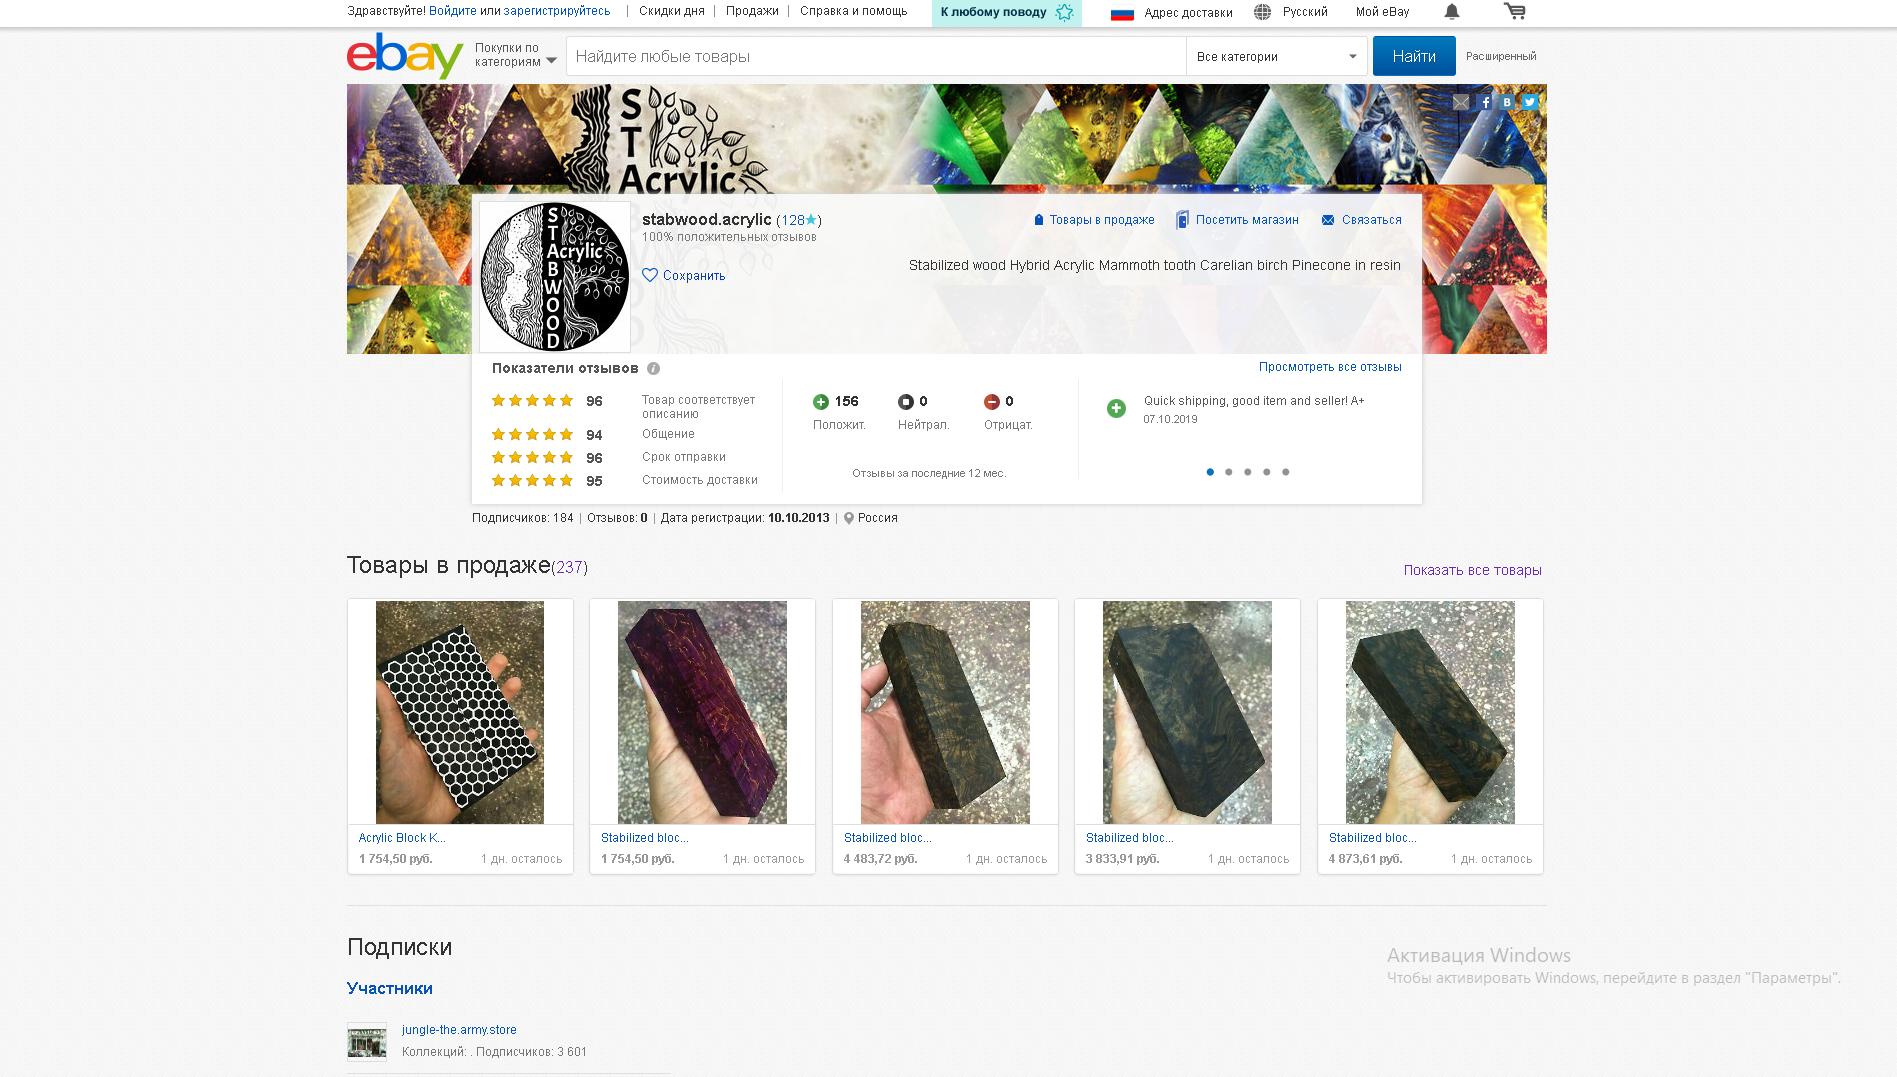 ИМ товаров на Ebay